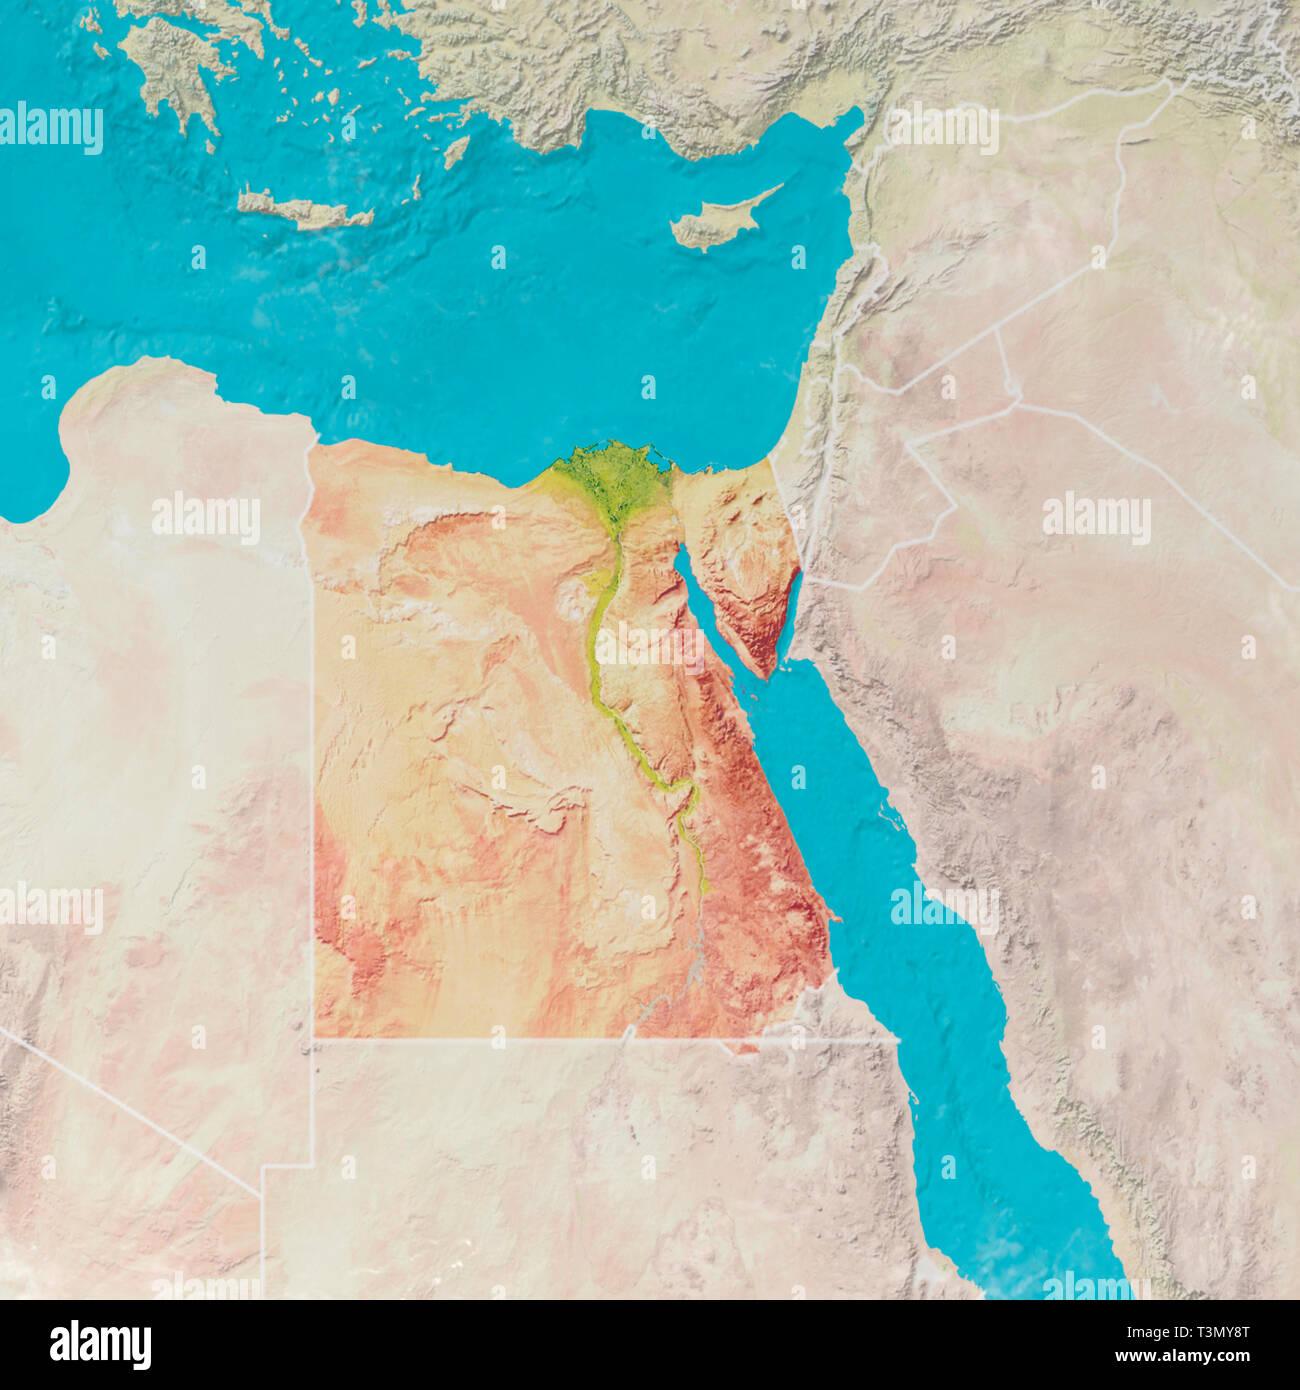 Europa E Asia Cartina.Cartina Fisica Con Rilievi Di Egitto Mappa 3d Del Nord